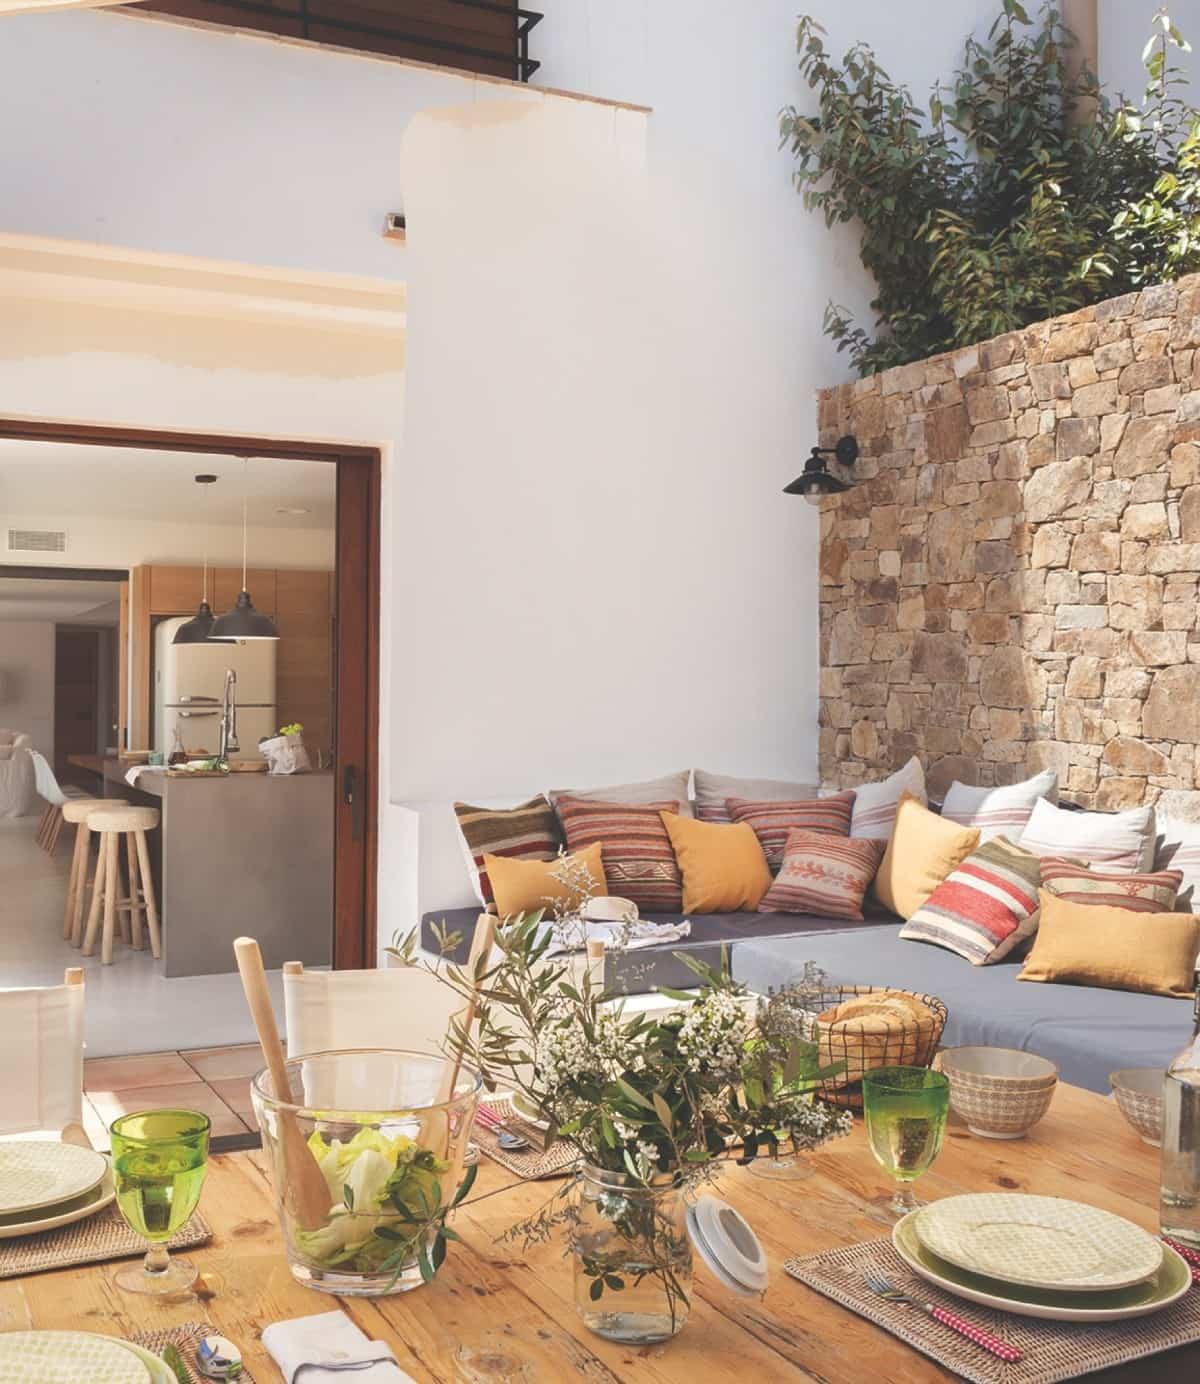 claves para elegir las mejores telas de exterior para la terraza 12